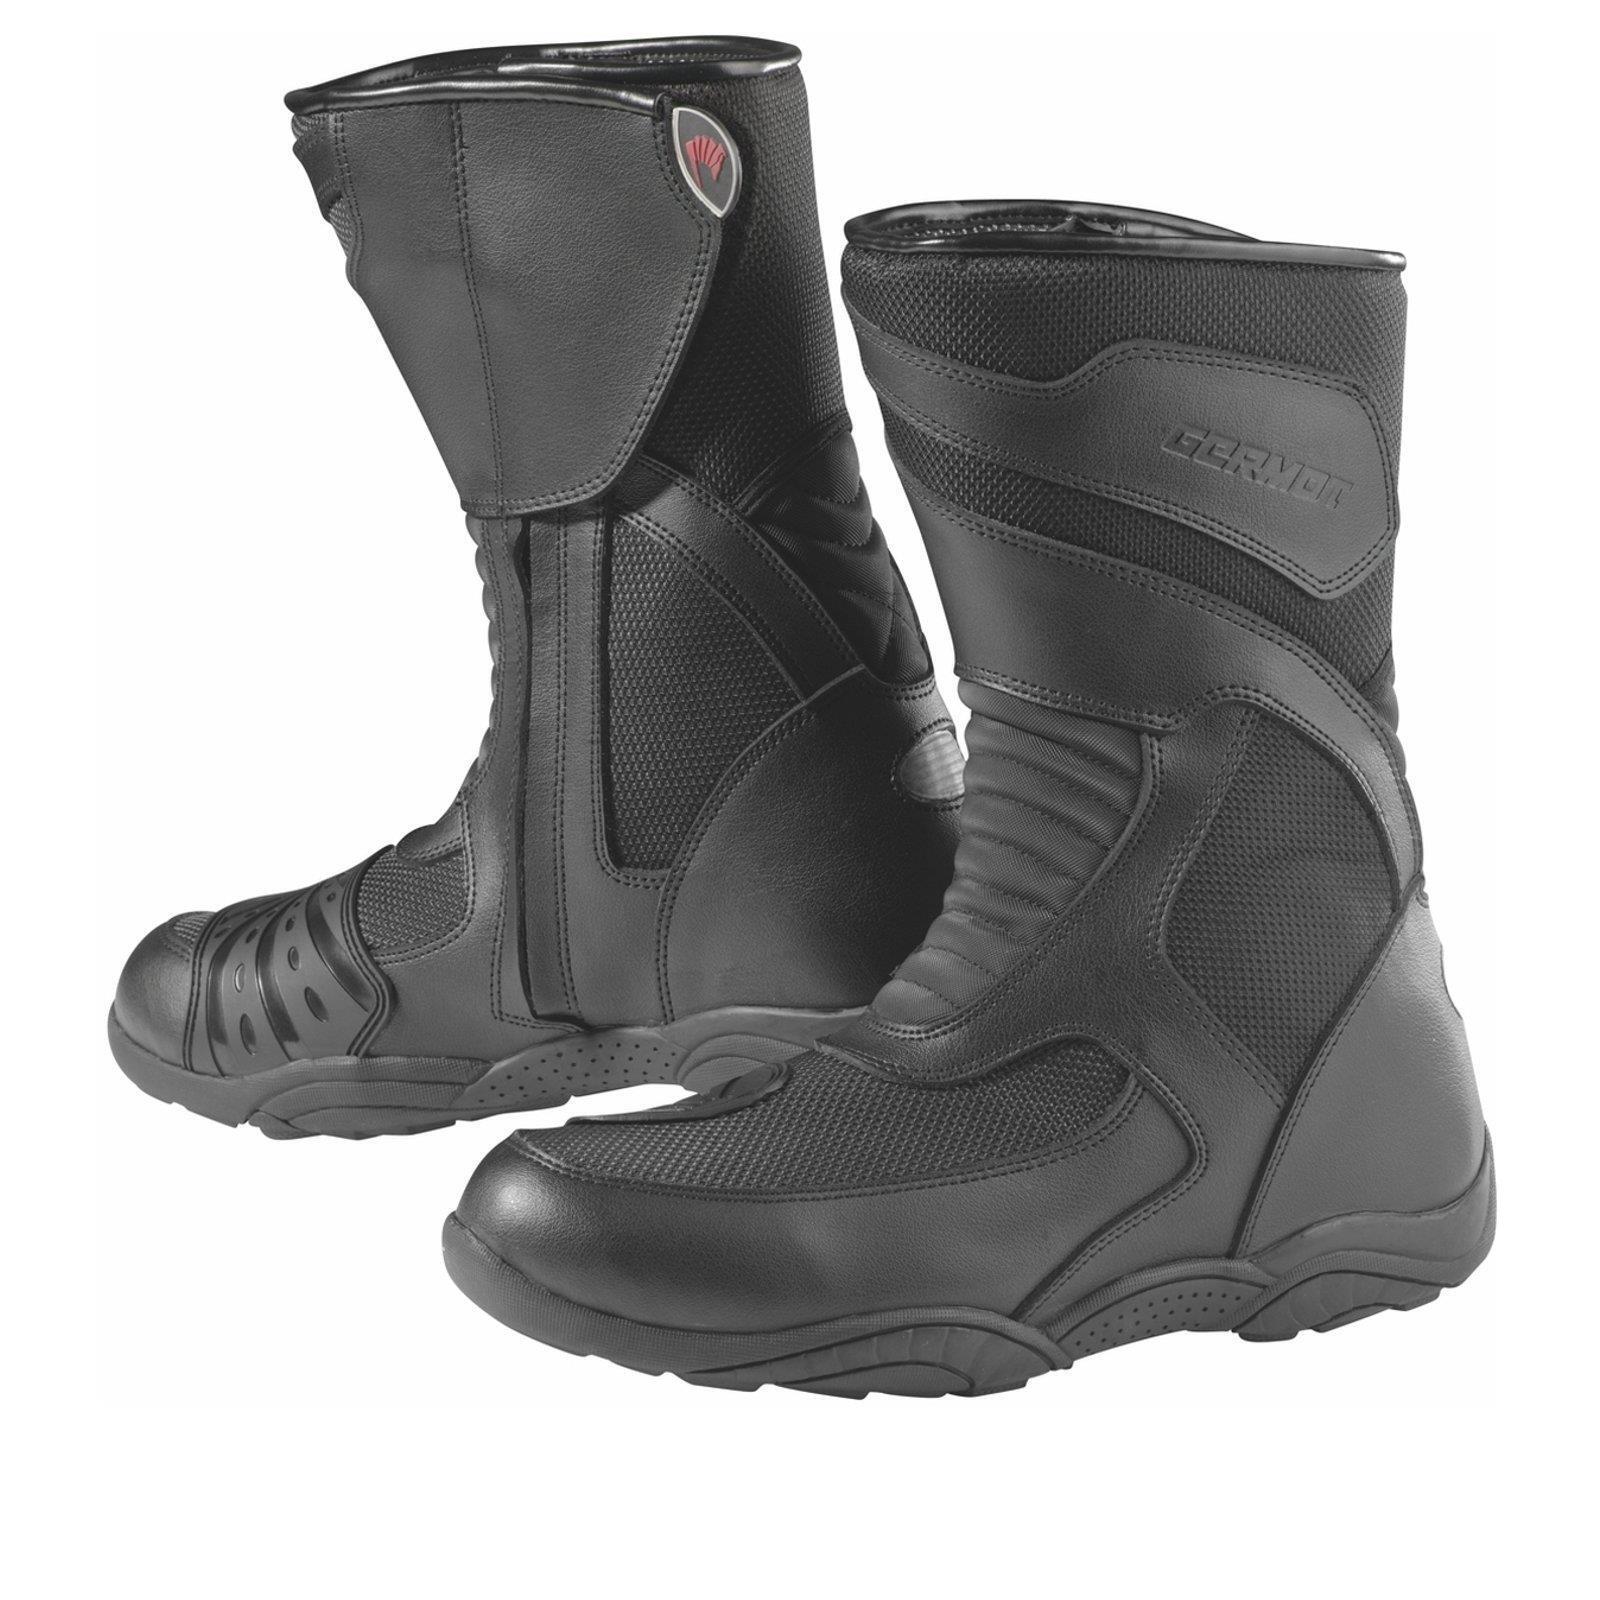 Germot Pelle Moto Stivali Tour Scarpe in Pelle Germot Nero Protezione Caviglia ORTOPEDICO 50749b